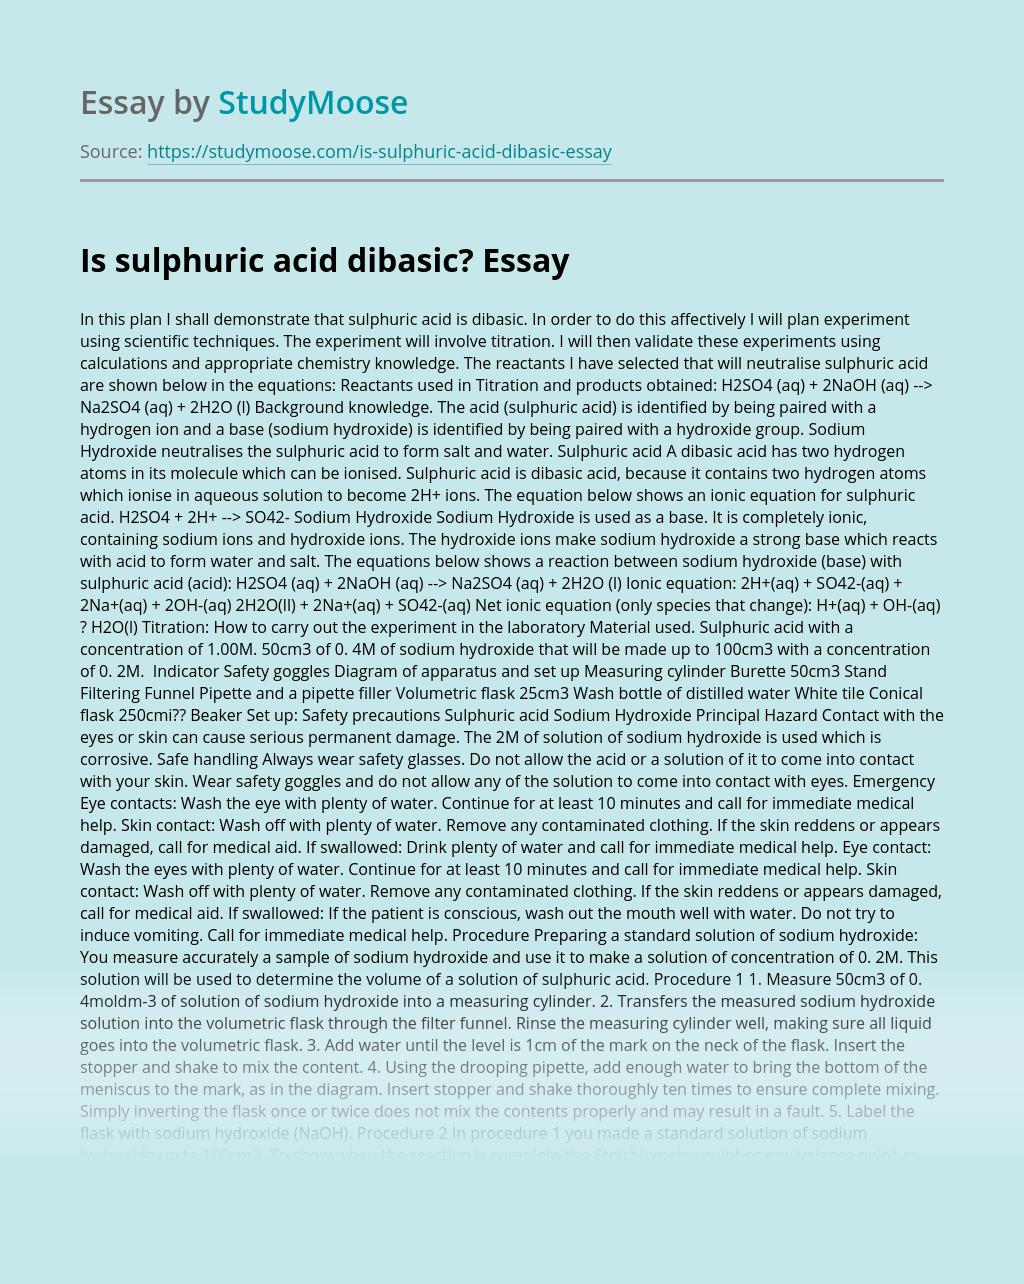 Is sulphuric acid dibasic?